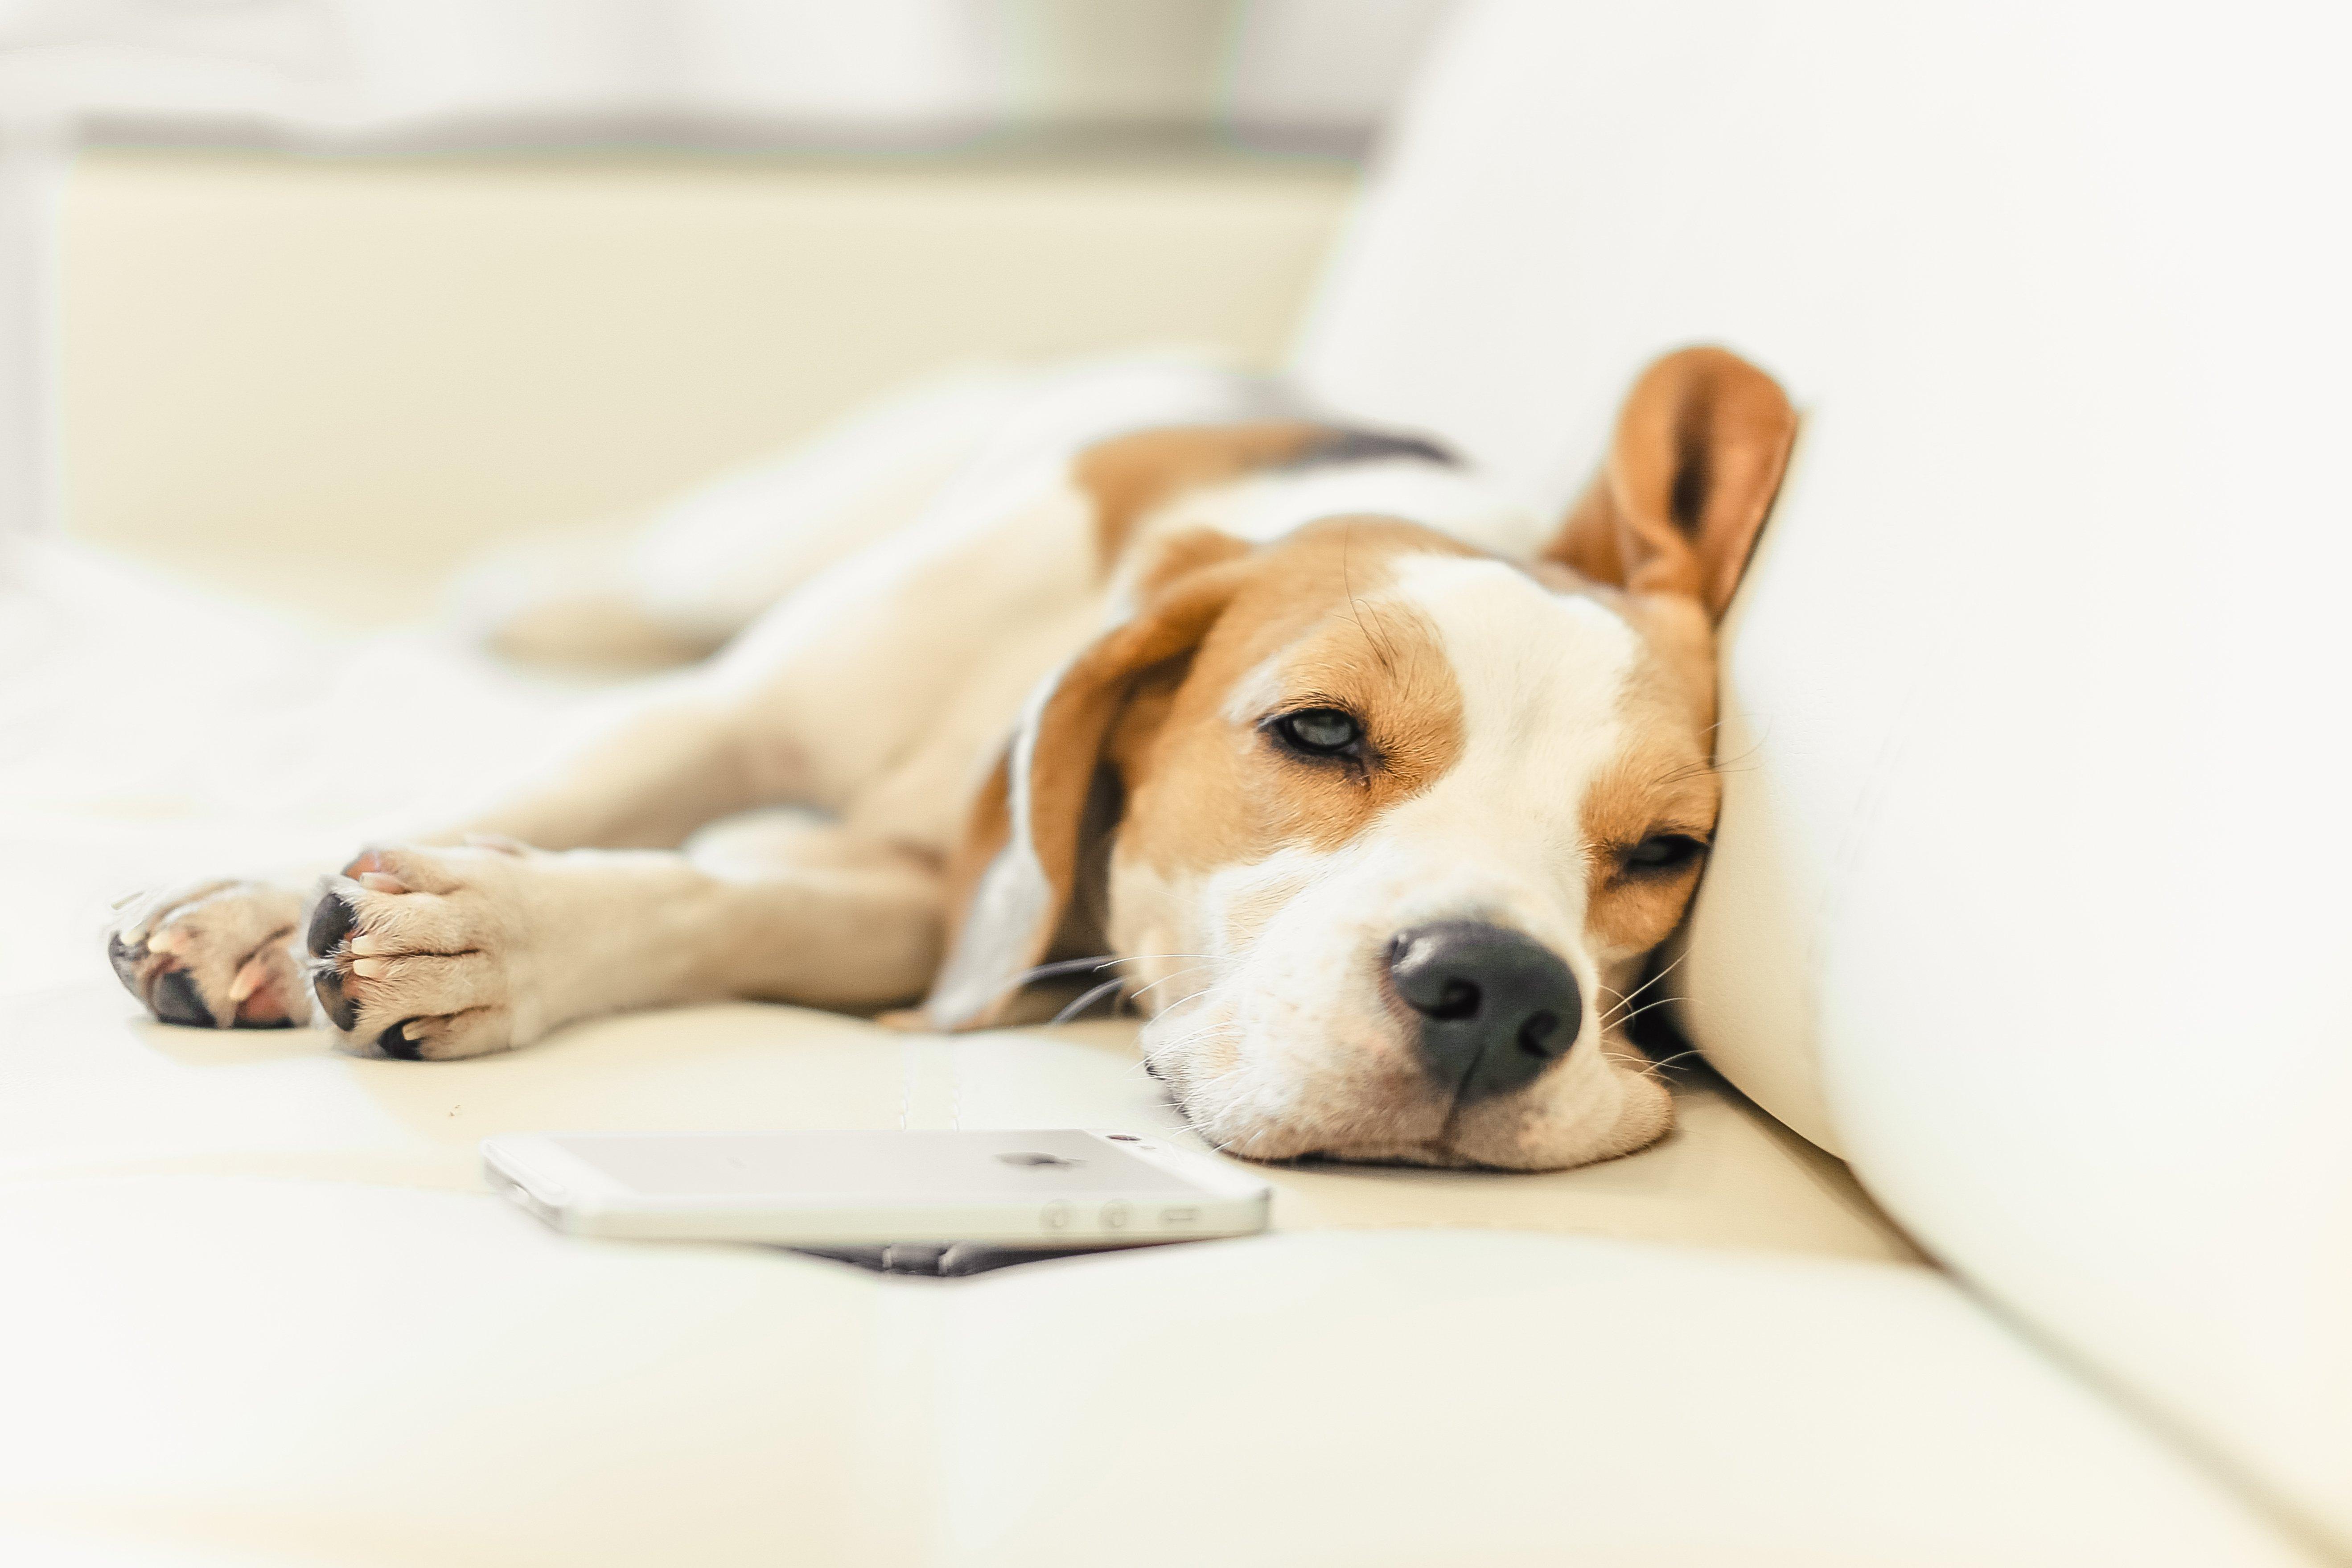 Puppy beagle dog wallpaper 5276x3517 433593 wallpaperup